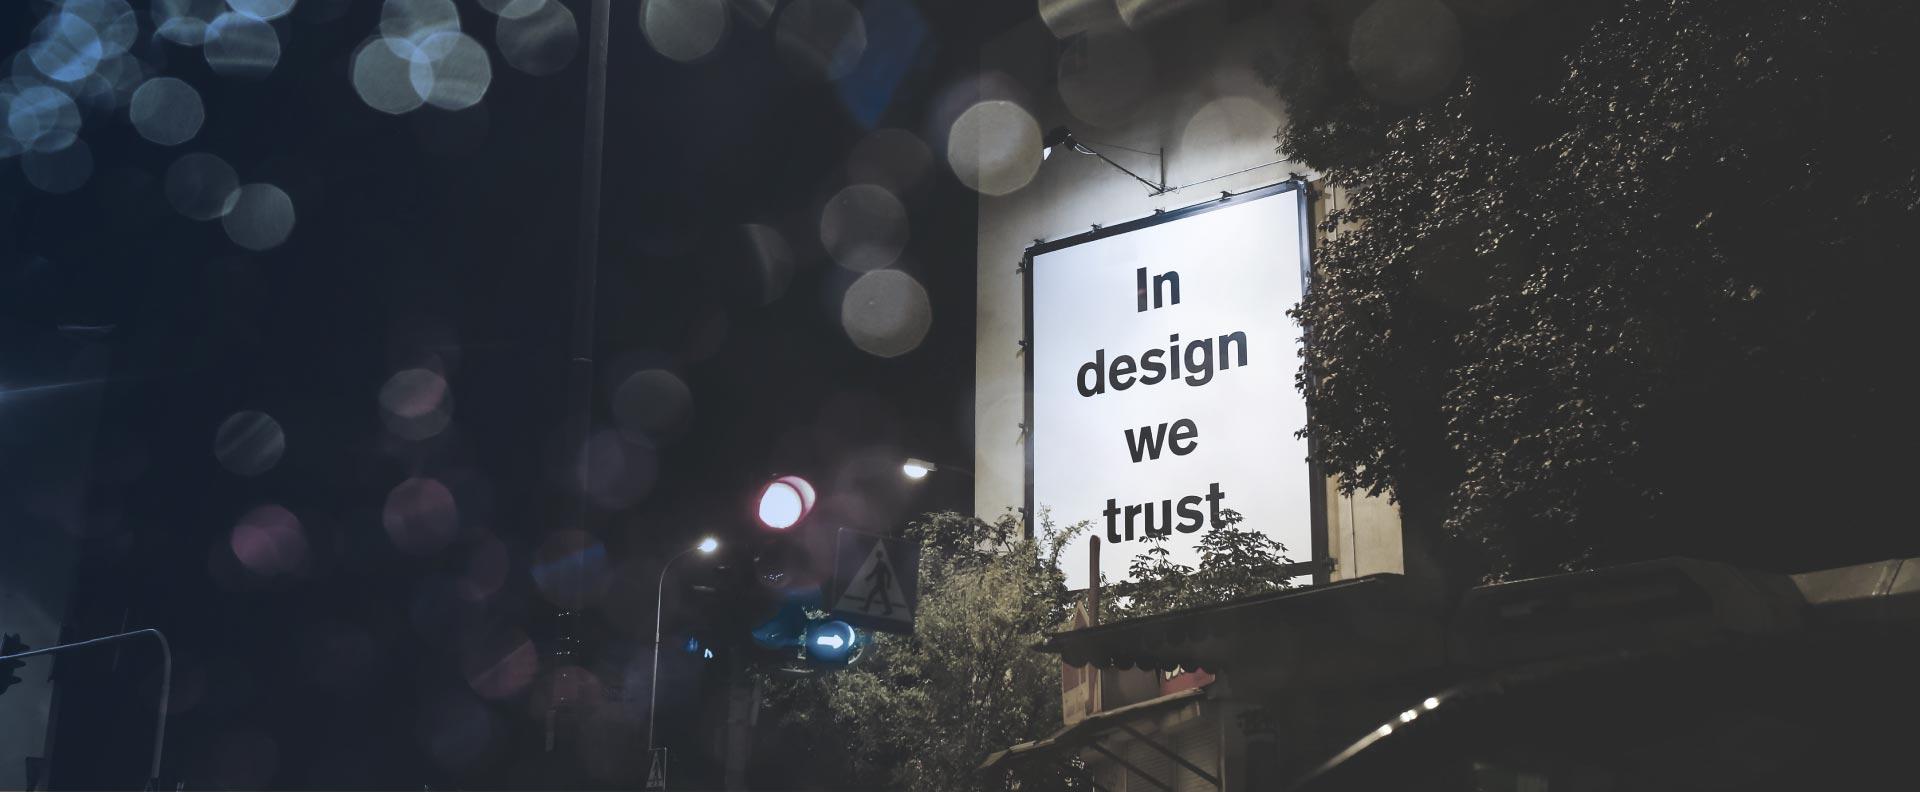 Confiamos en el diseño web